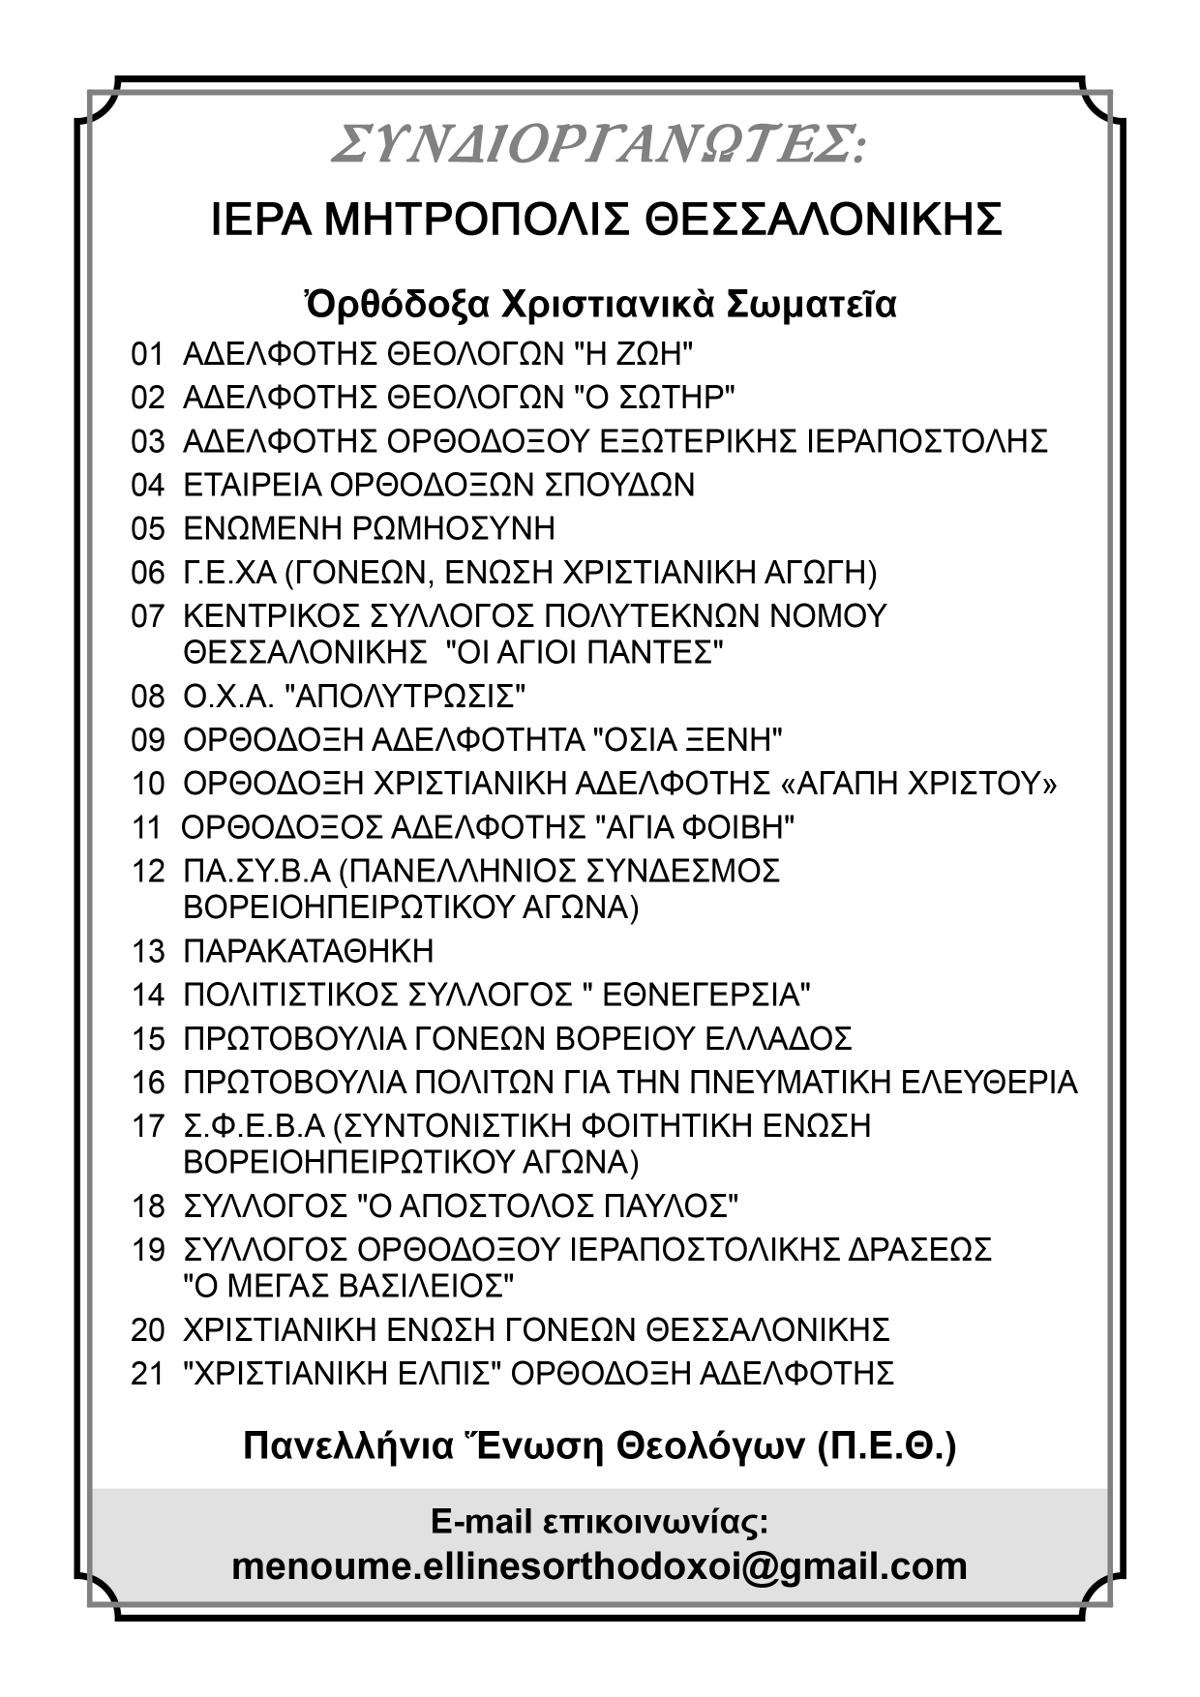 Μένουμε Ορθόδοξοι και Έλληνες